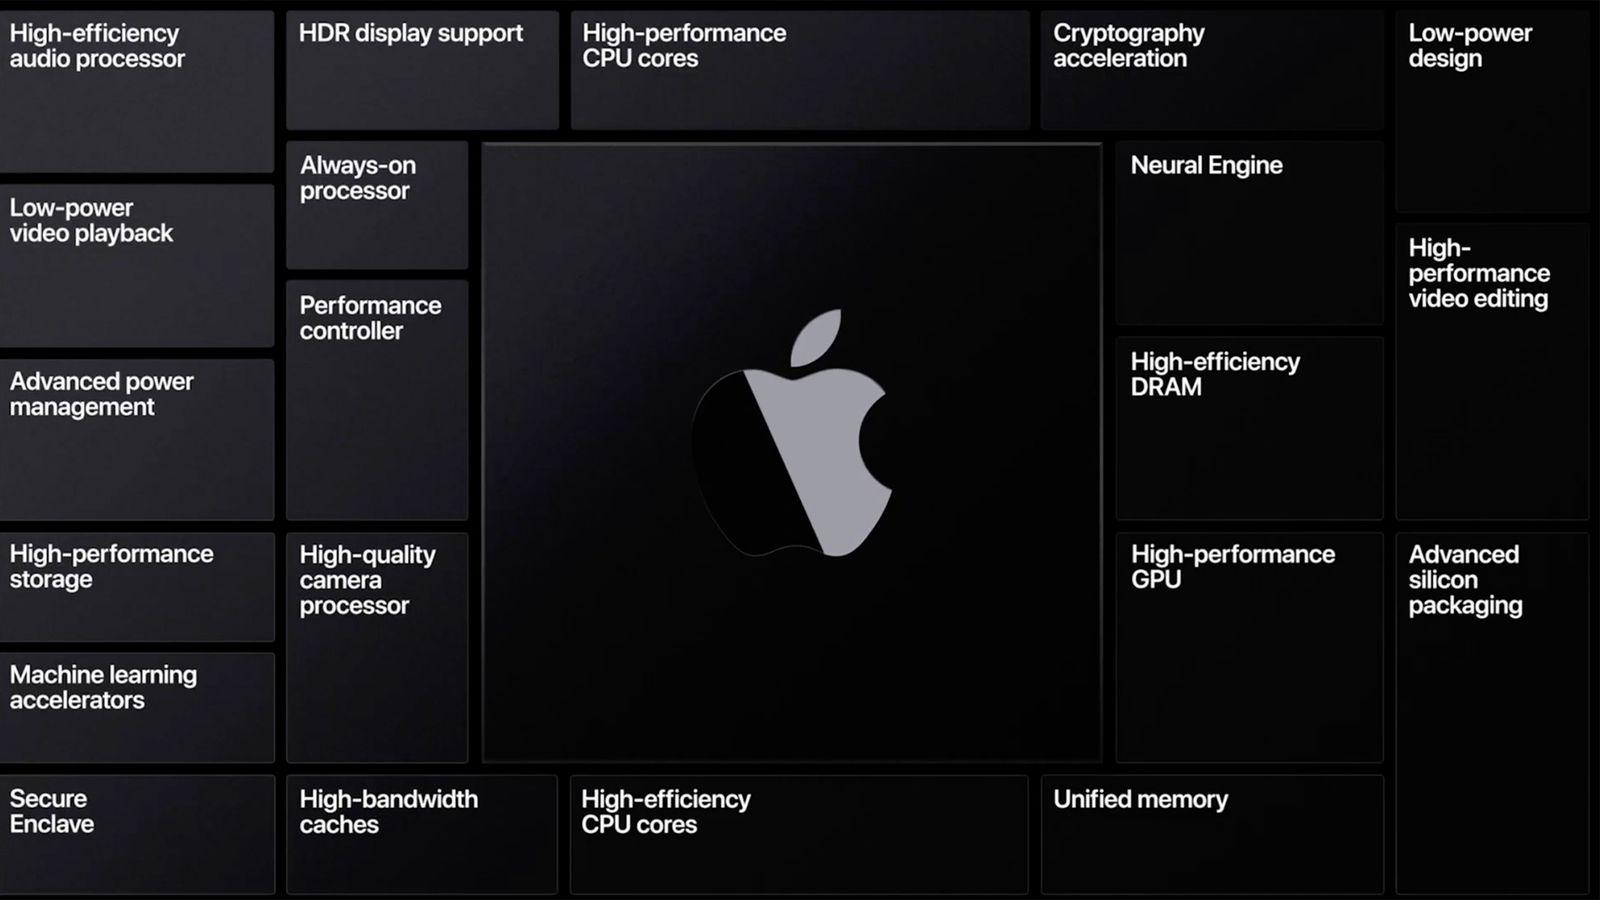 معرفی کامپیوتر با پردازنده هایی مبتنی بر اپل سیلیکون